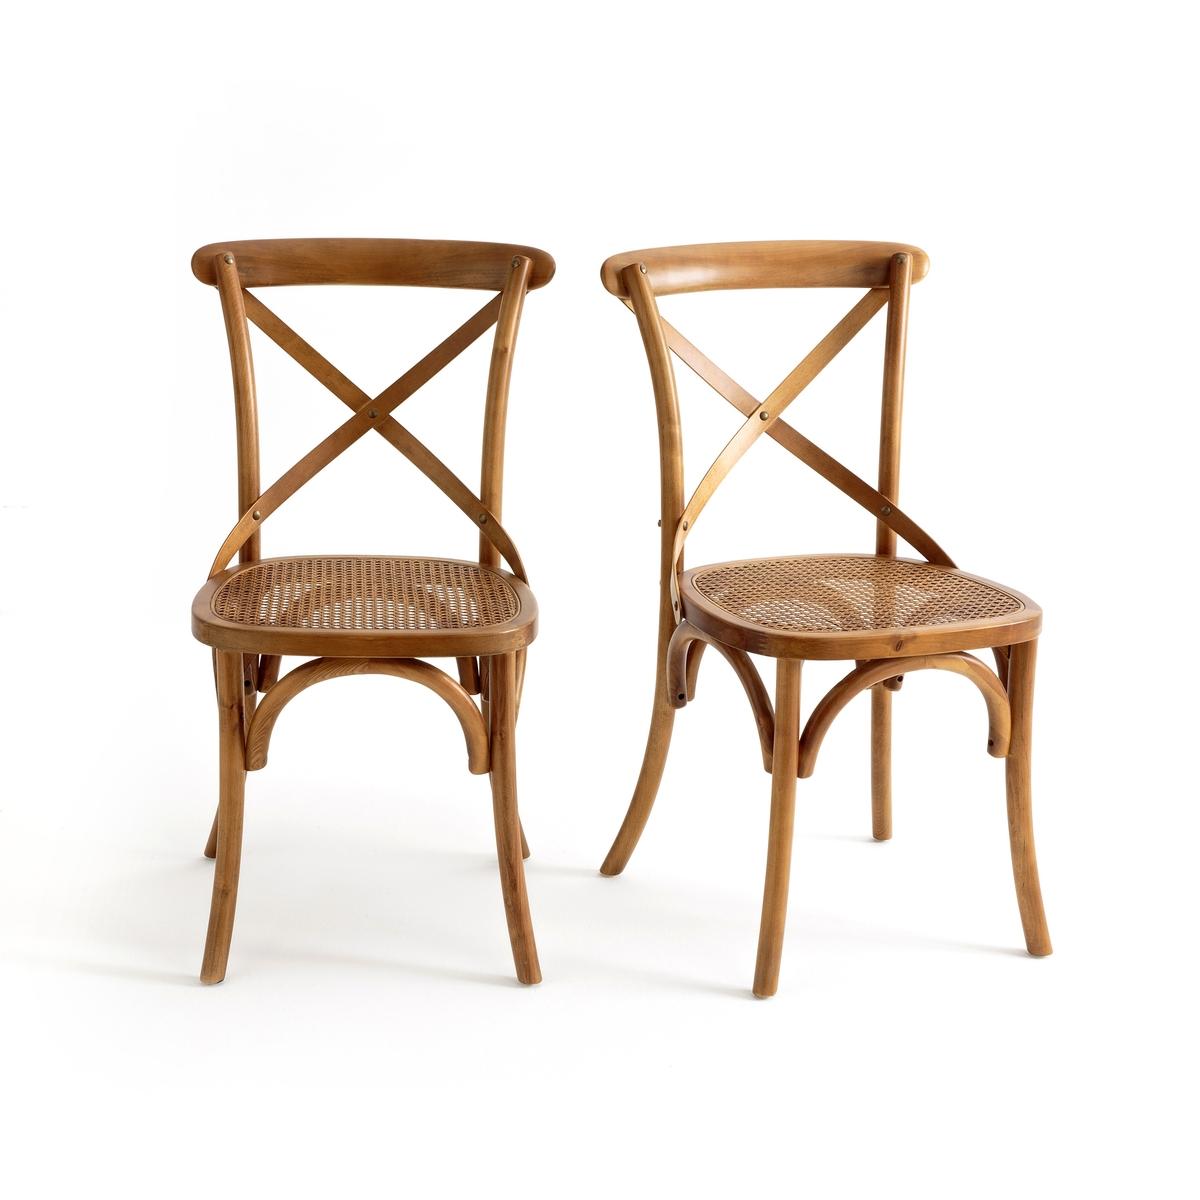 Комплект из 2 стульев с крестообразной спинкой Cedak